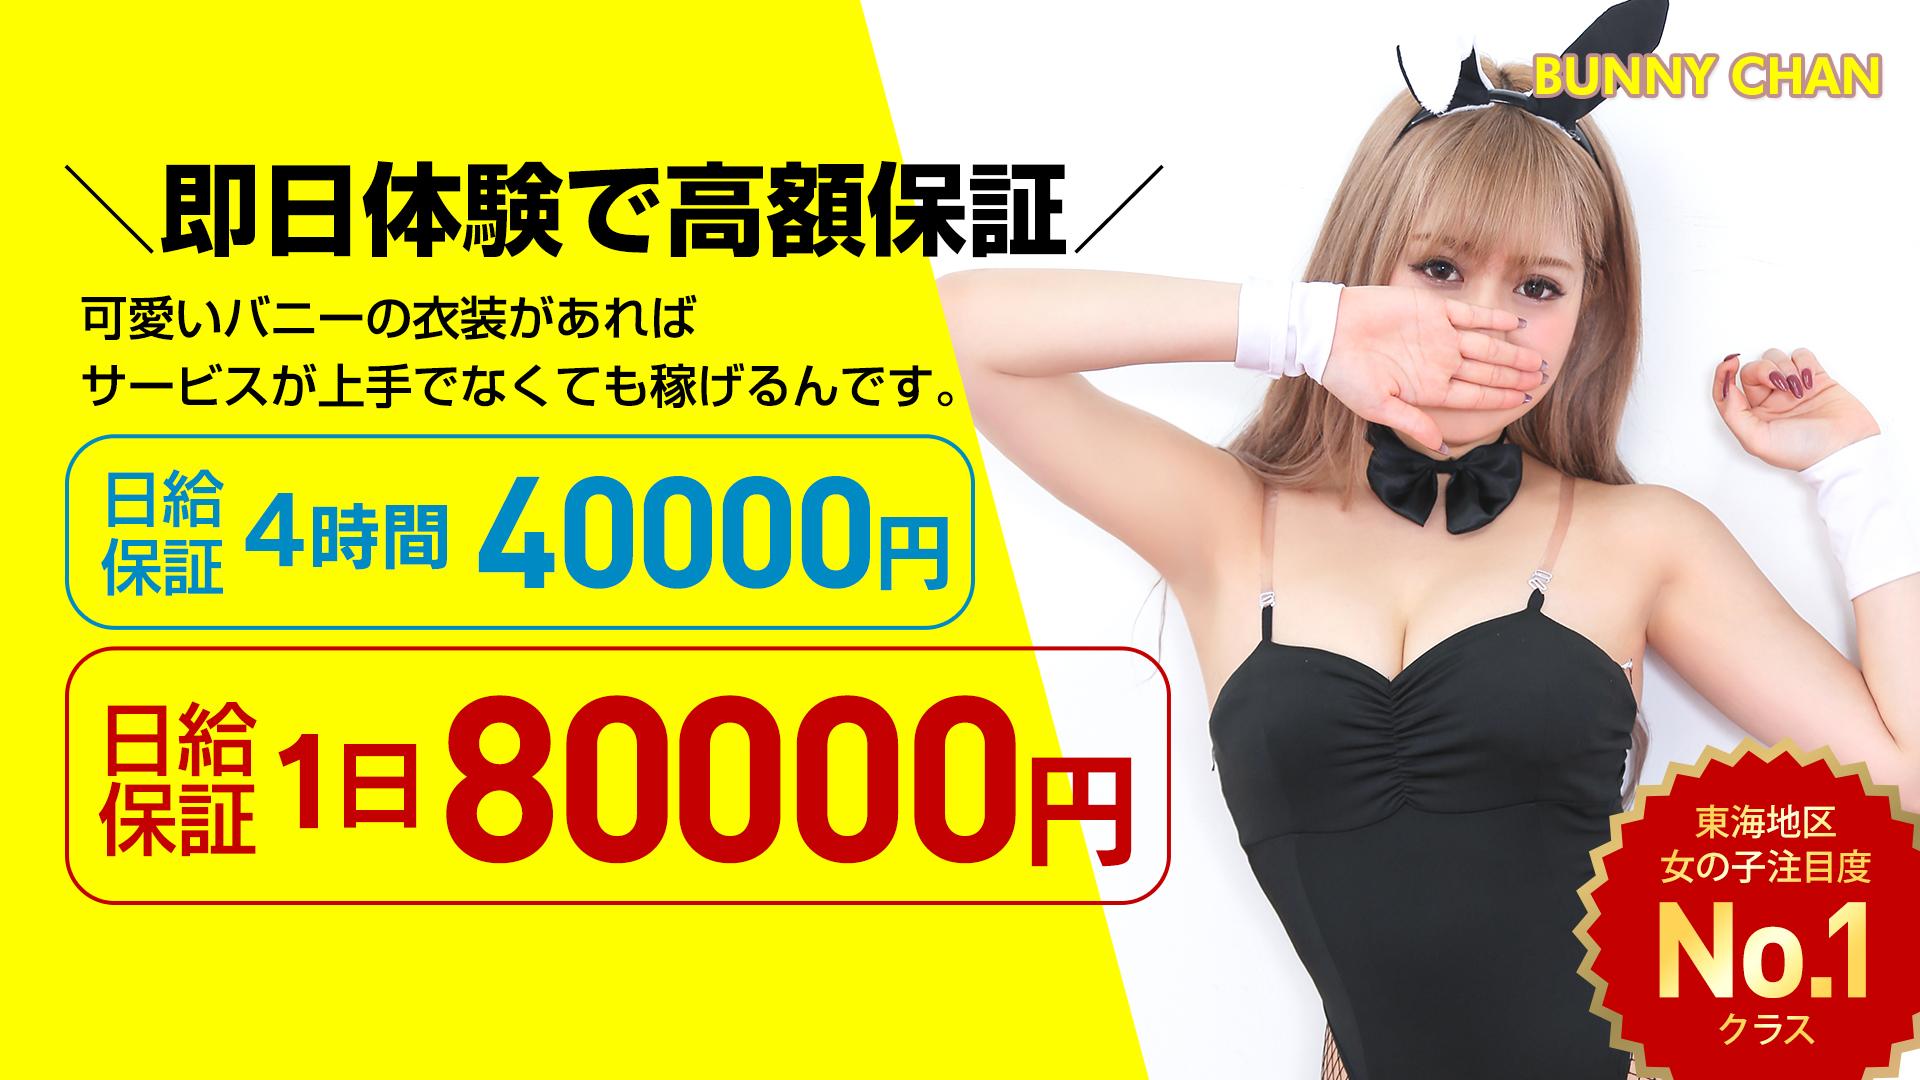 ドMなバニーちゃん白金・鶴舞店の求人画像